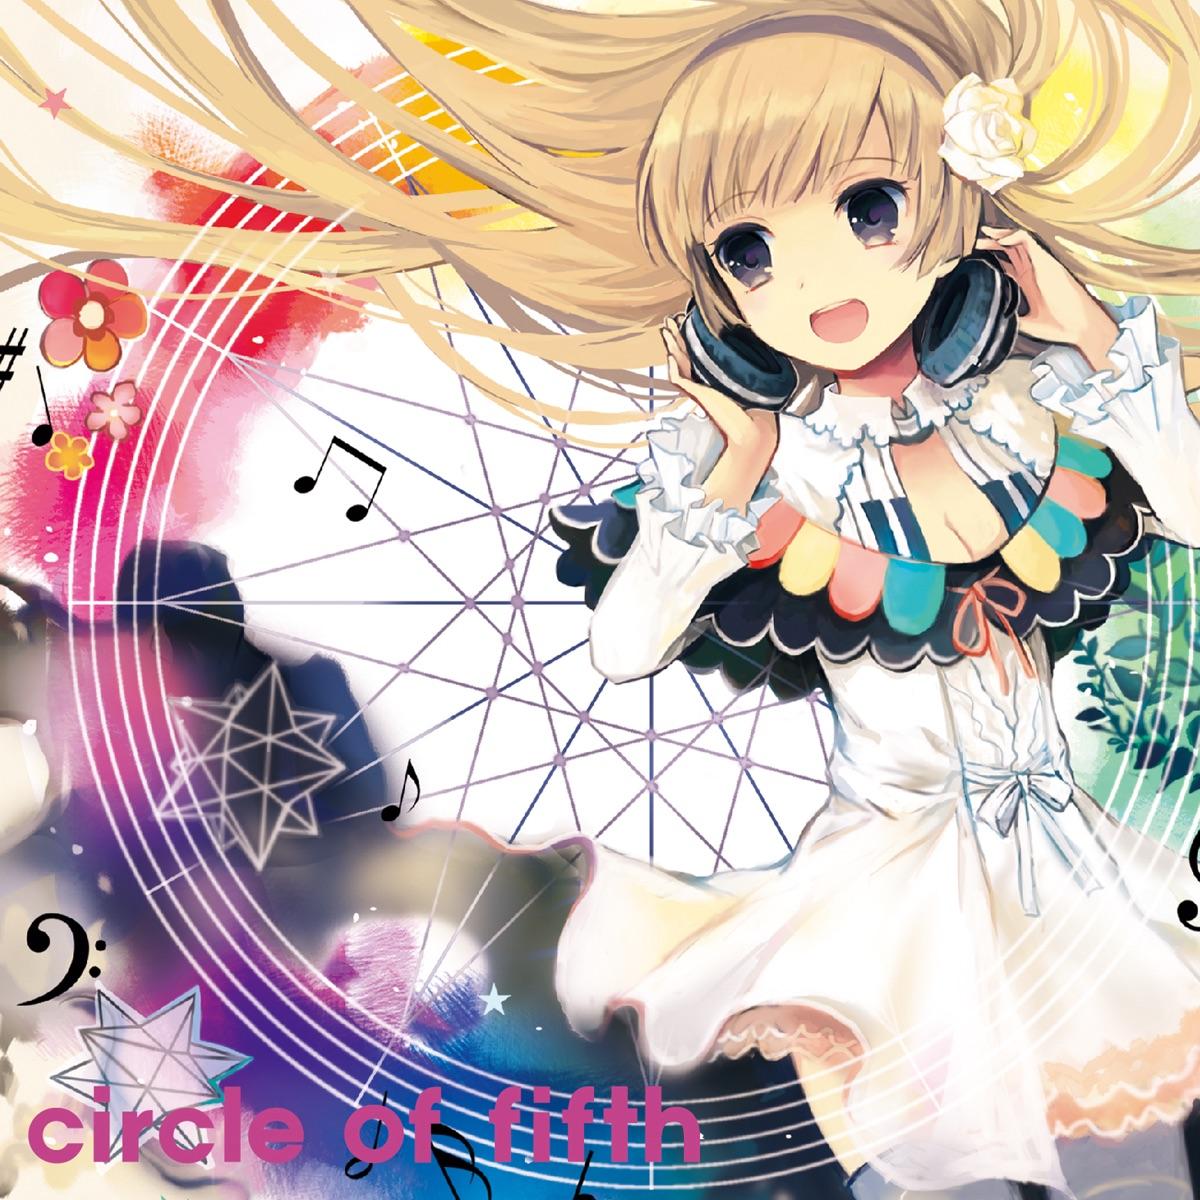 折戸伸治パーソナルアルバム circle of fifth VisualArts  Key Sounds Label CD cover